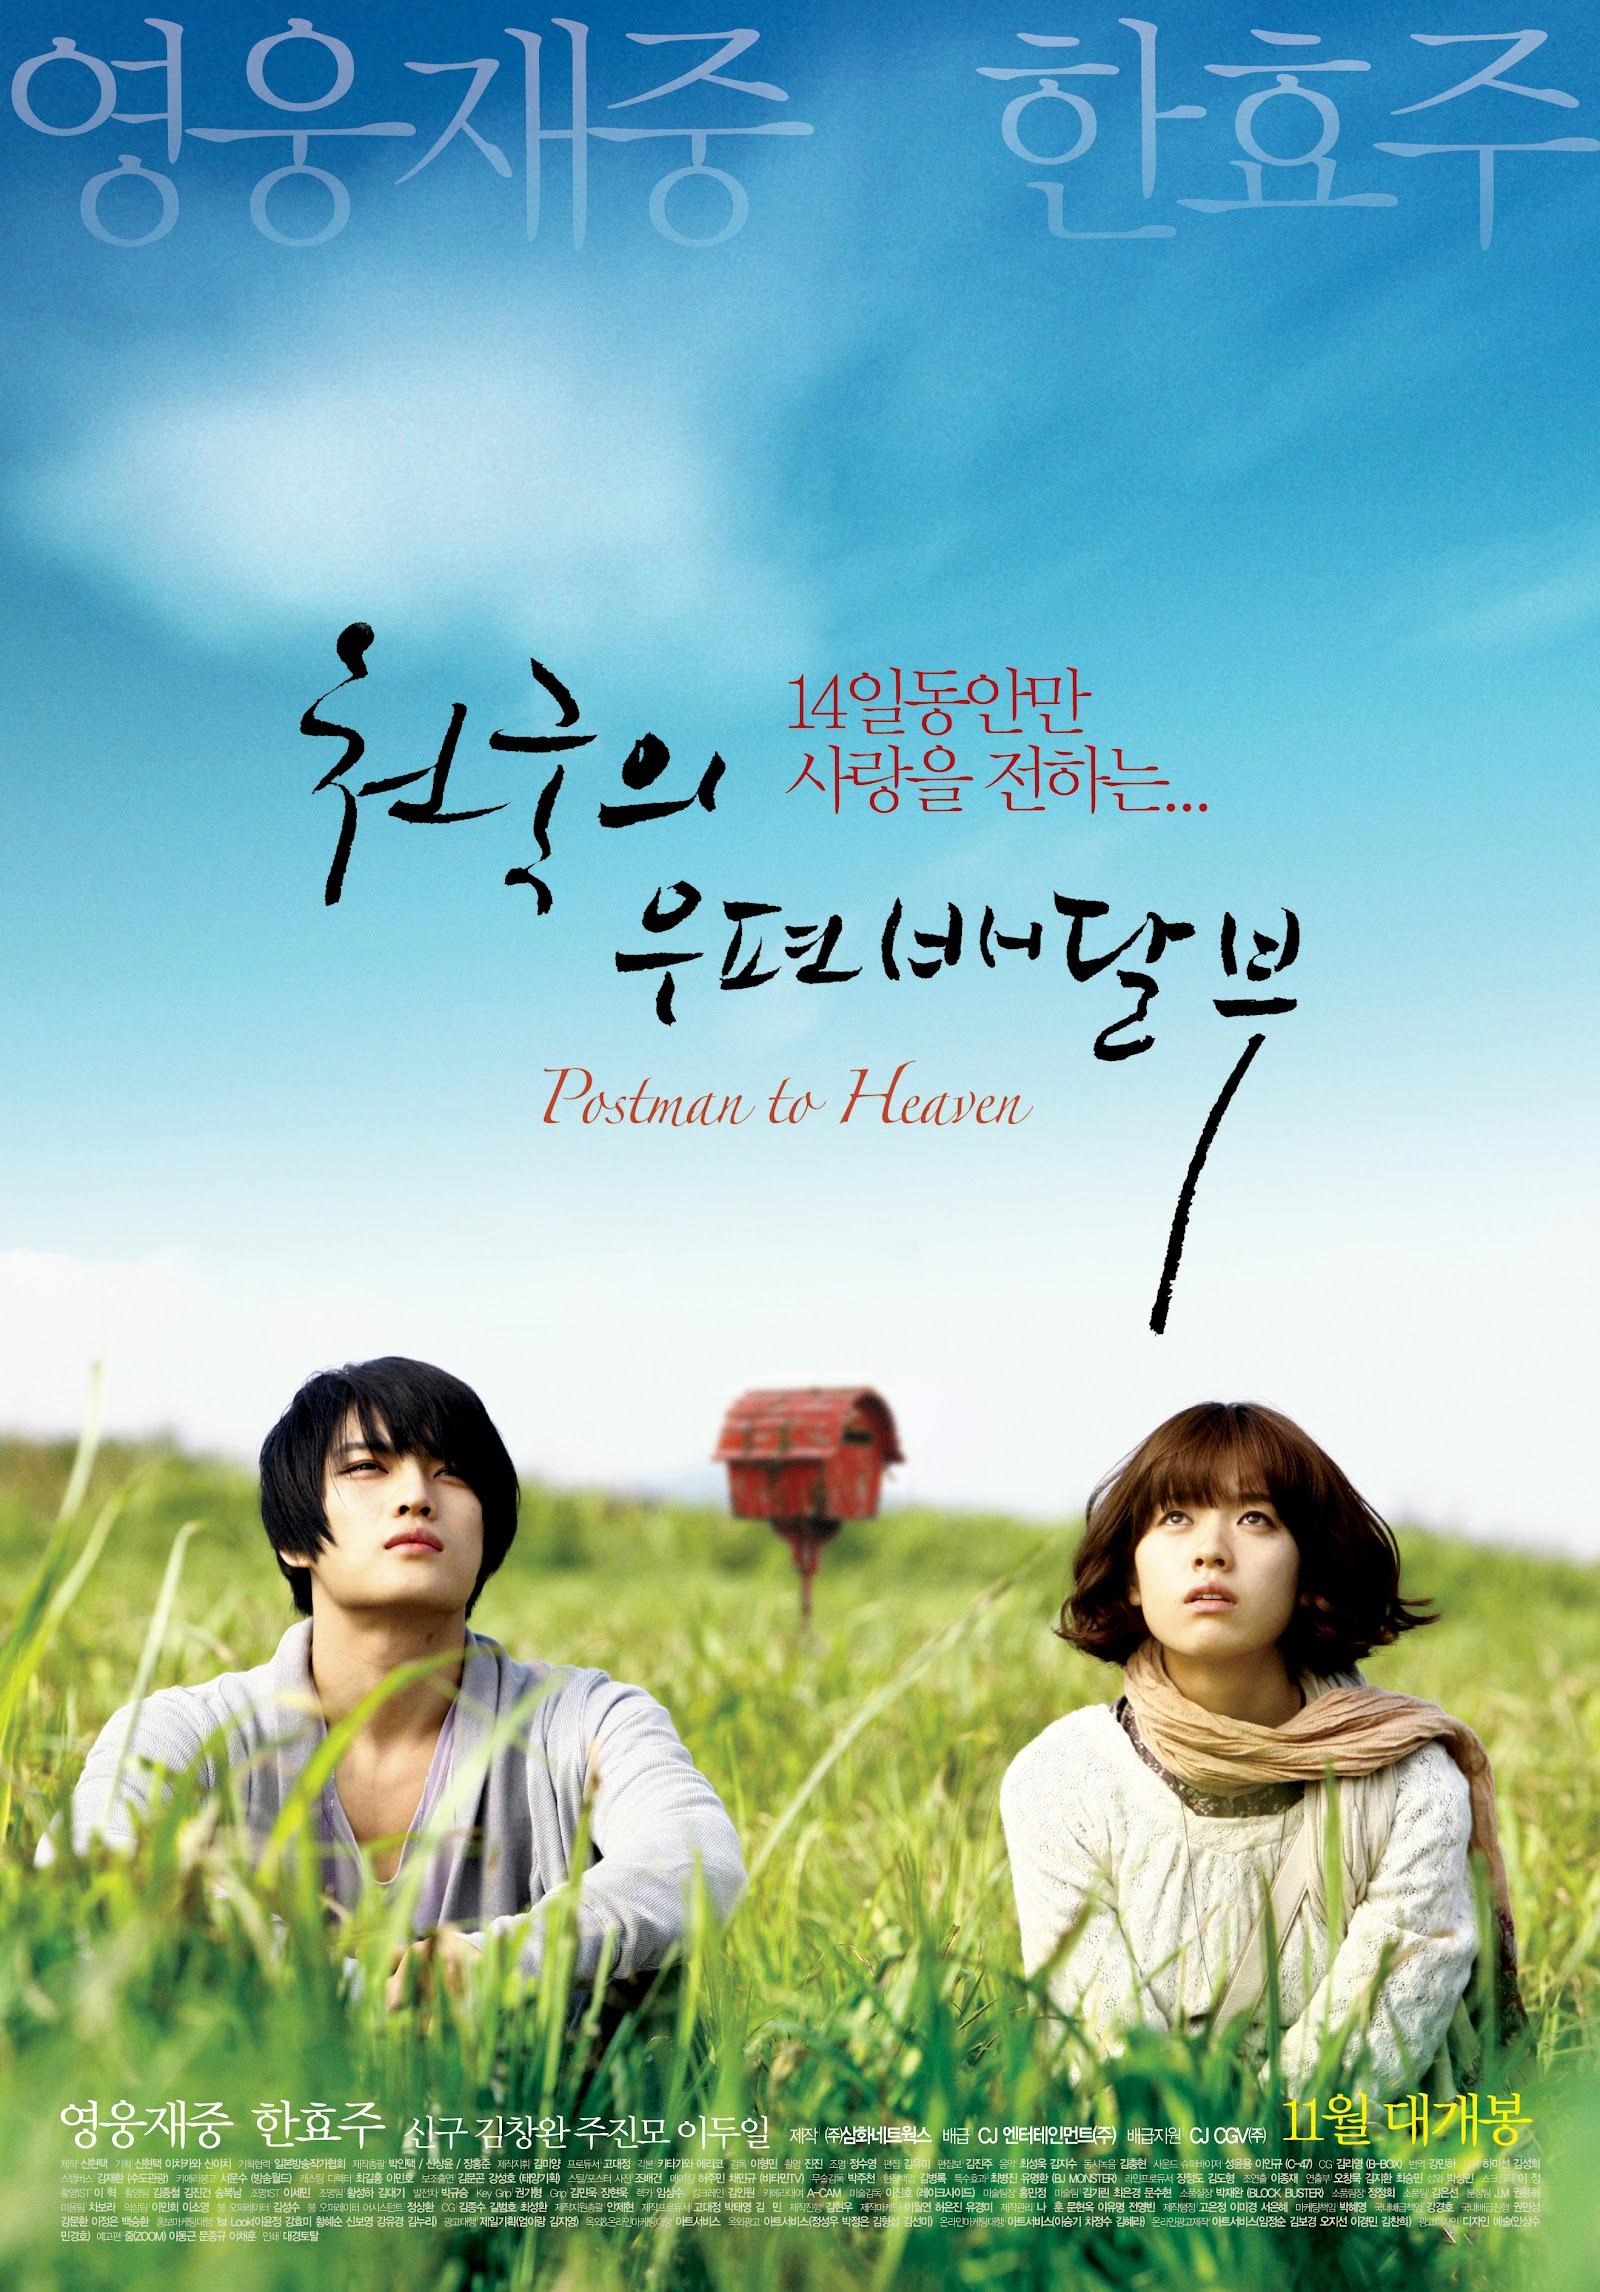 فیلم کره ای پستچی بهشت